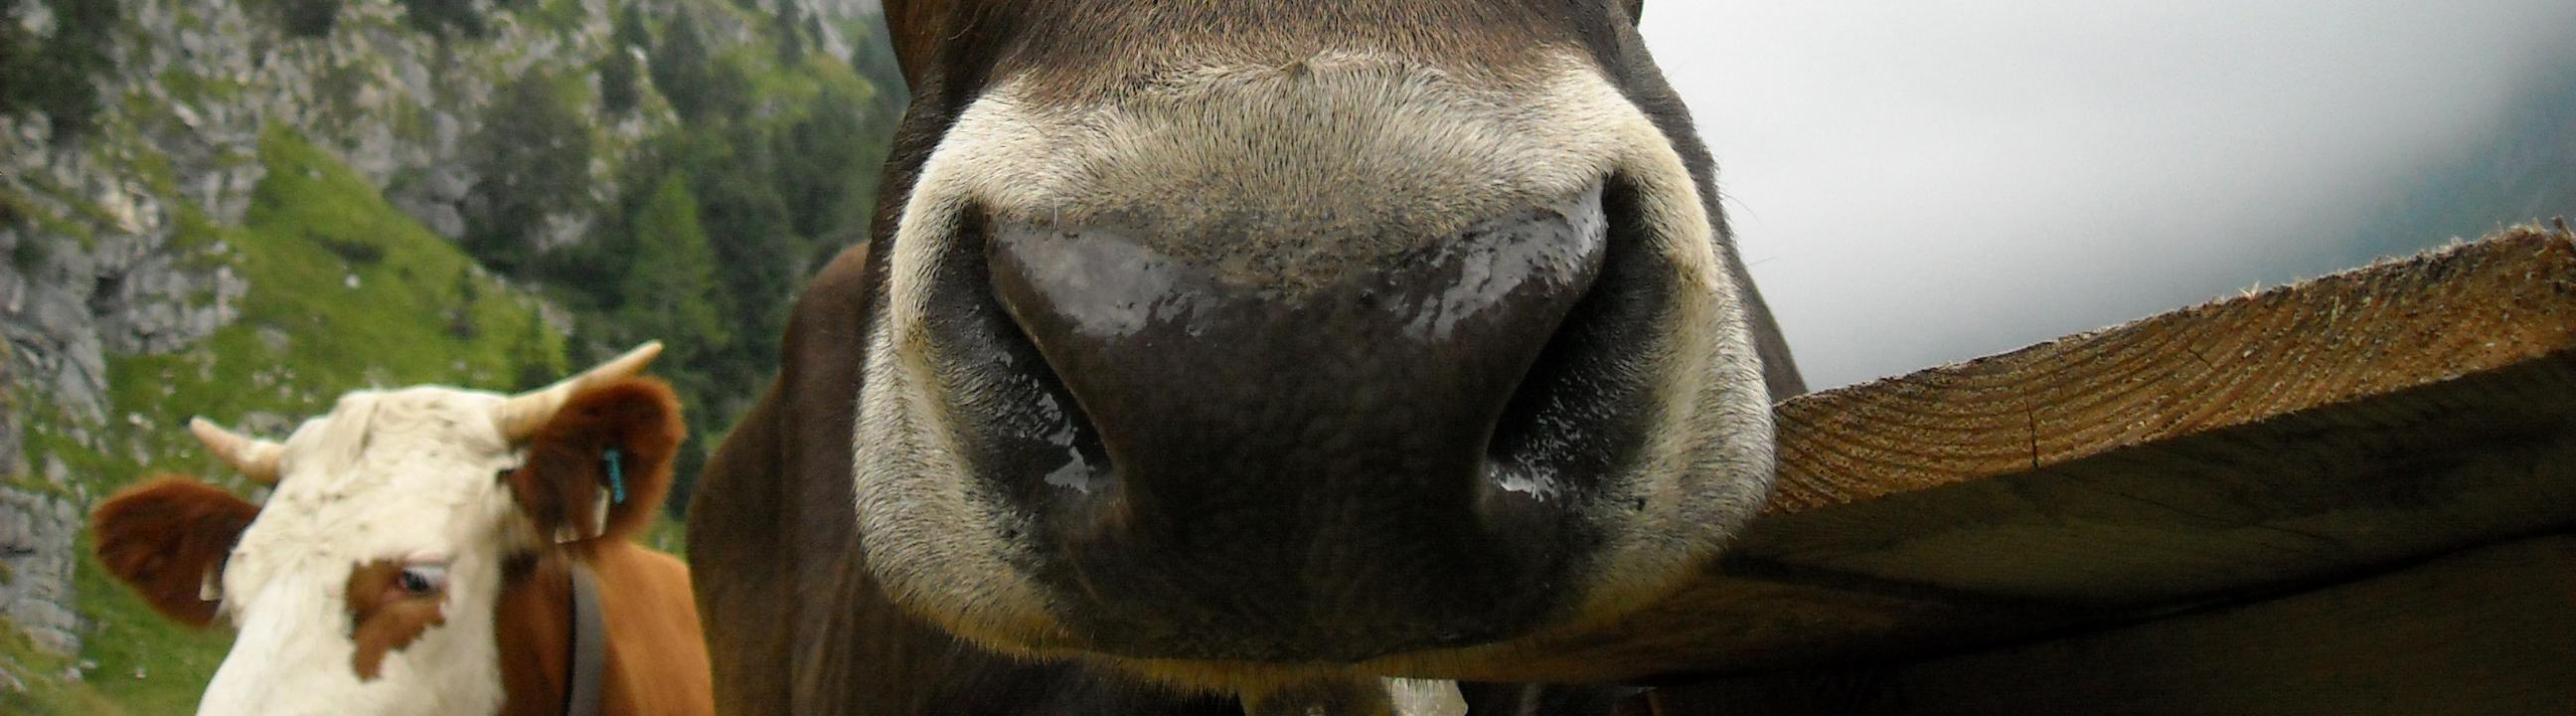 Naso mucca